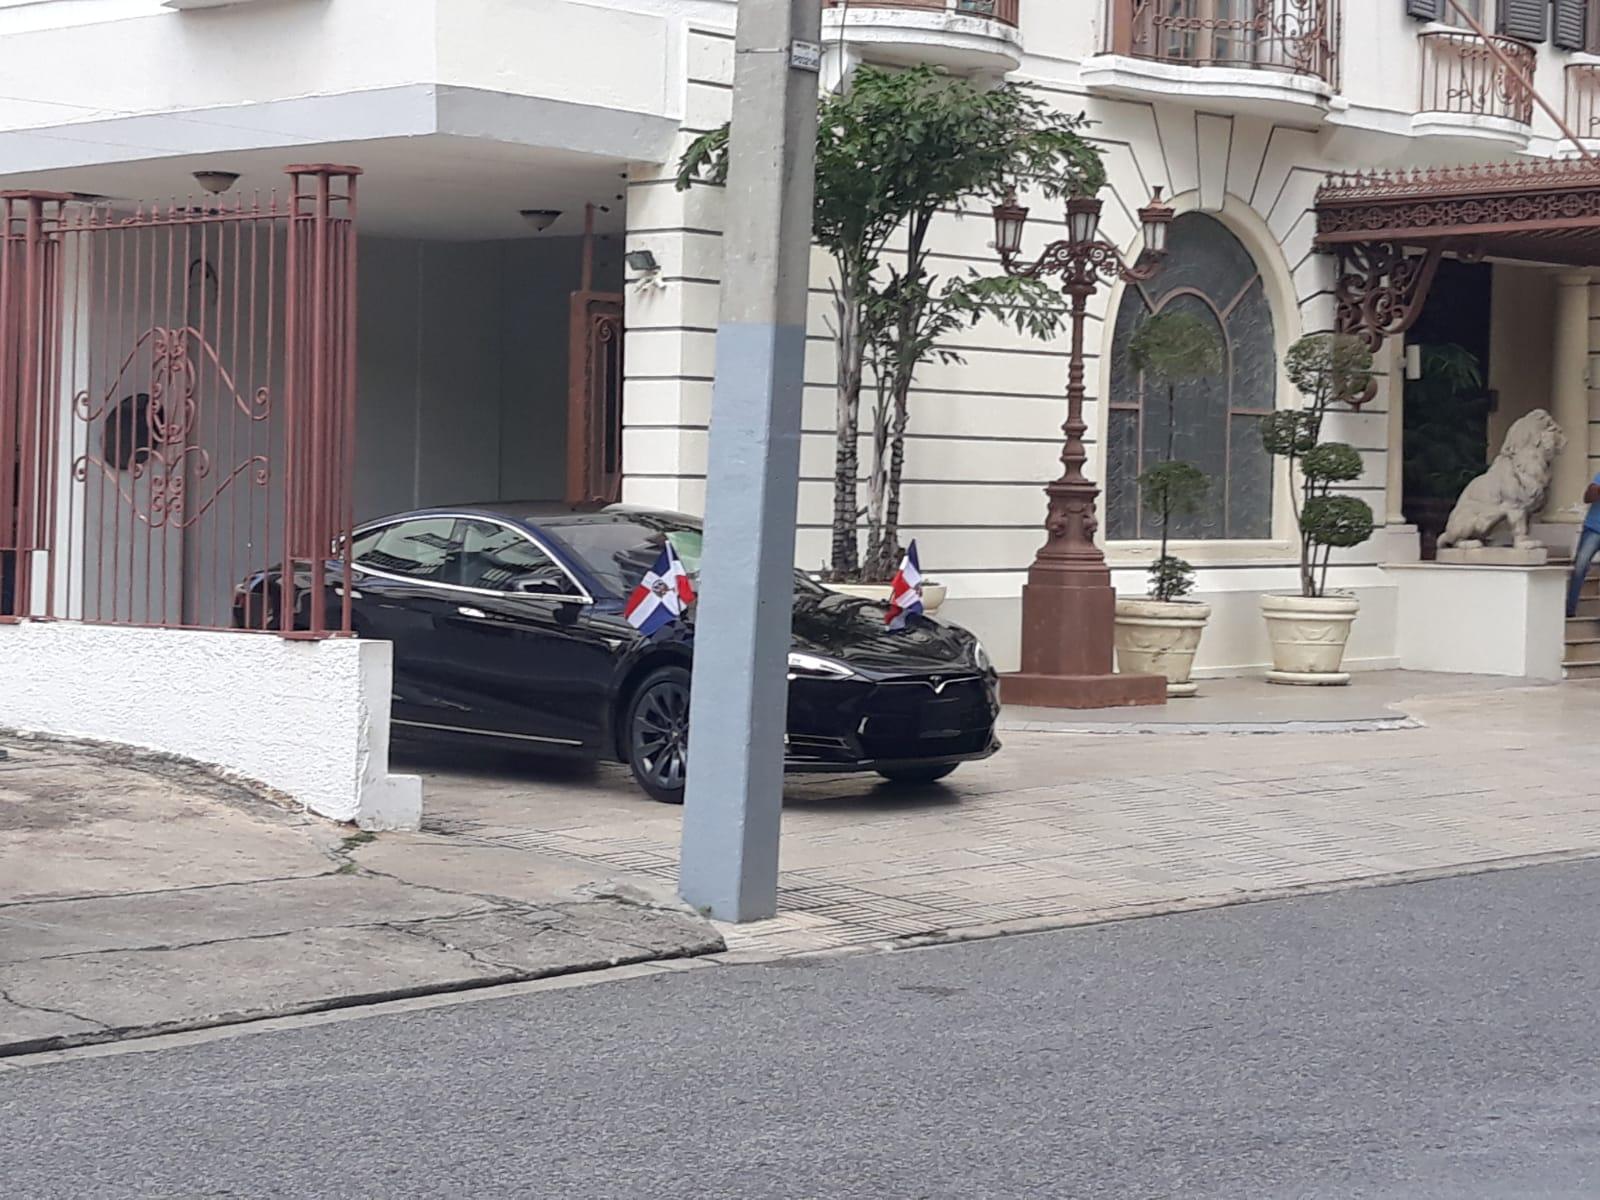 Video | Pasadas las 10 a.m. Abinader no ha llegado a Palacio Nacional